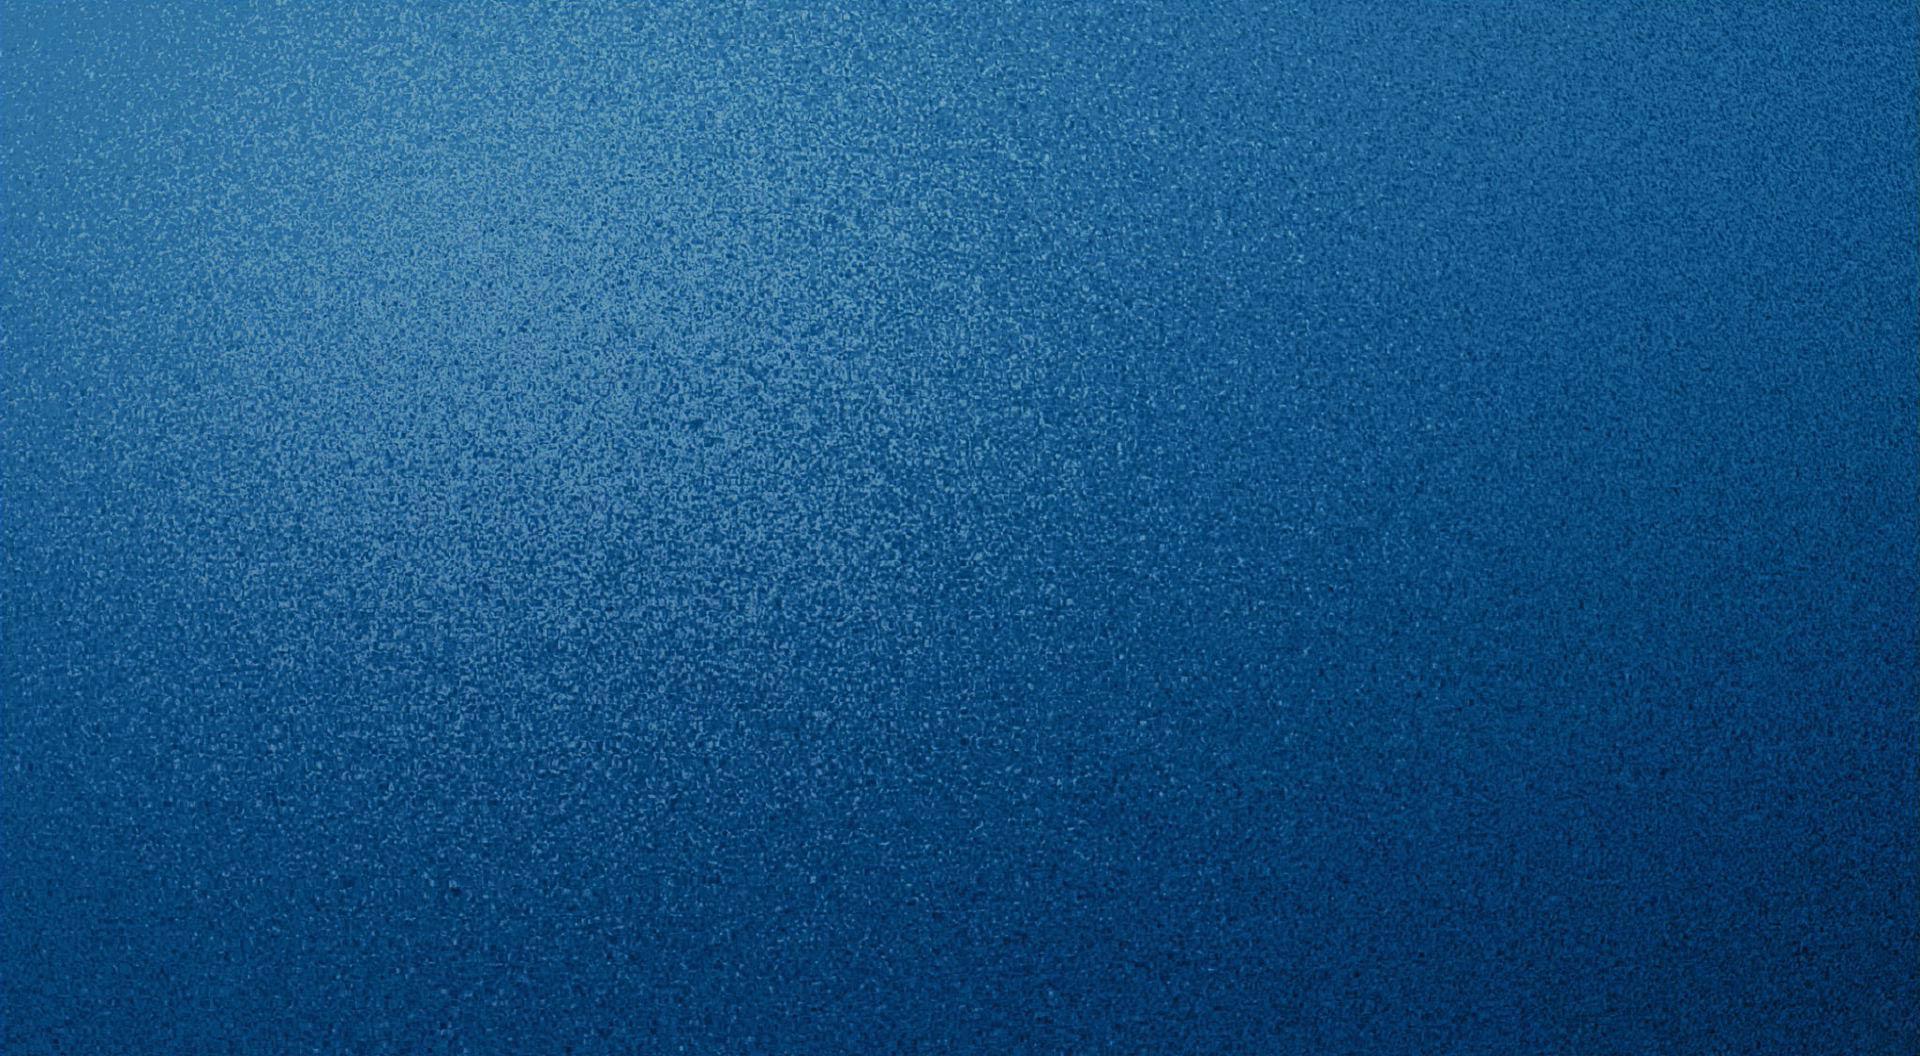 blue texture wallpaper 1920x1056